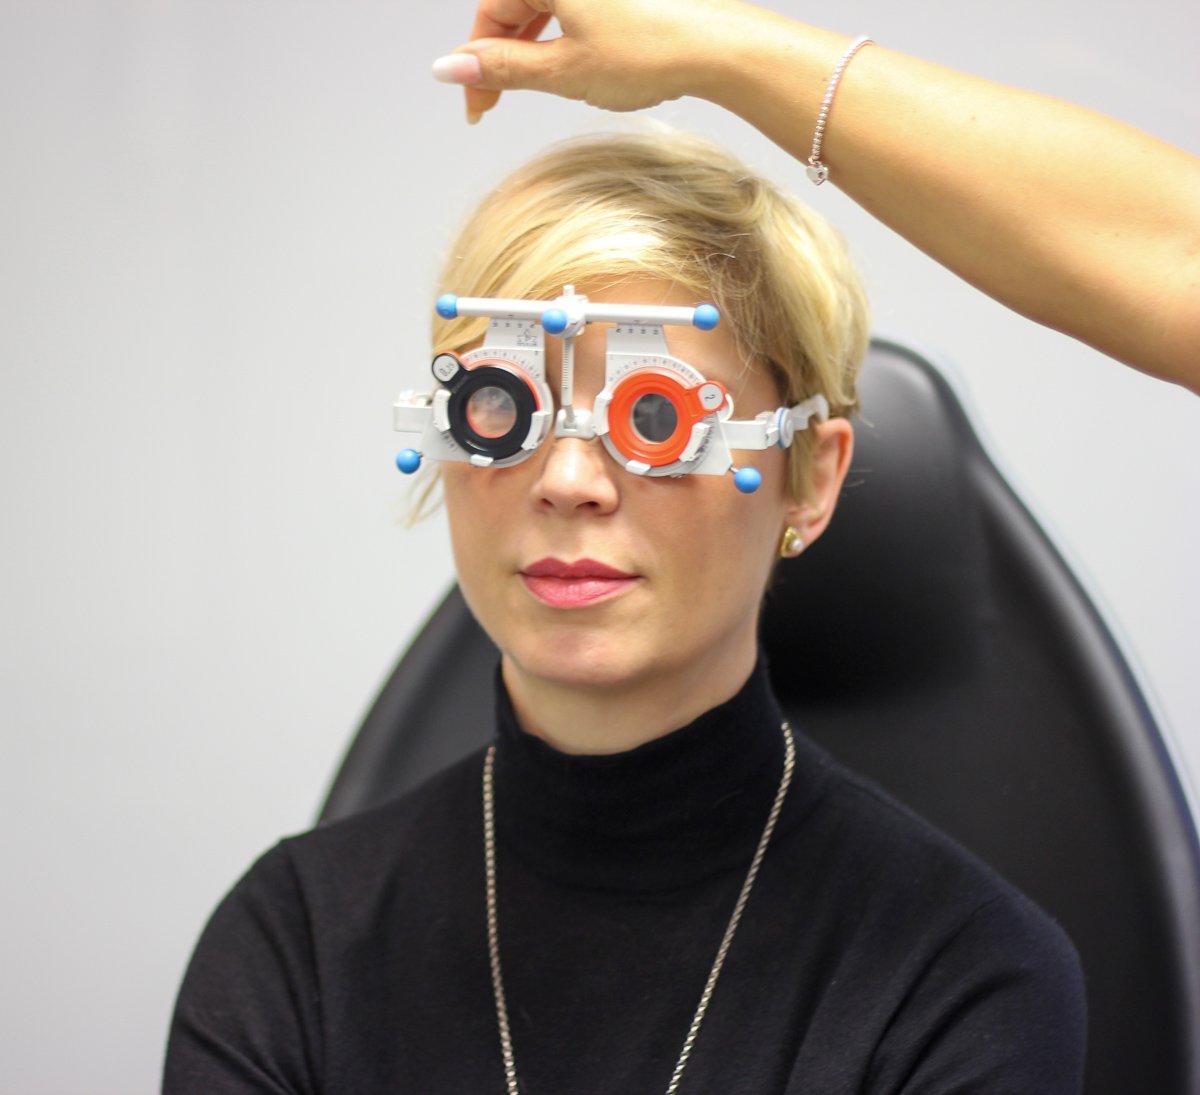 Brillenanpassung: Meine Erfahrungen mit einer biometrischen Gleitsichtbrille von Rodenstock und den DNEyeScanner für die Präzisionsbrille.